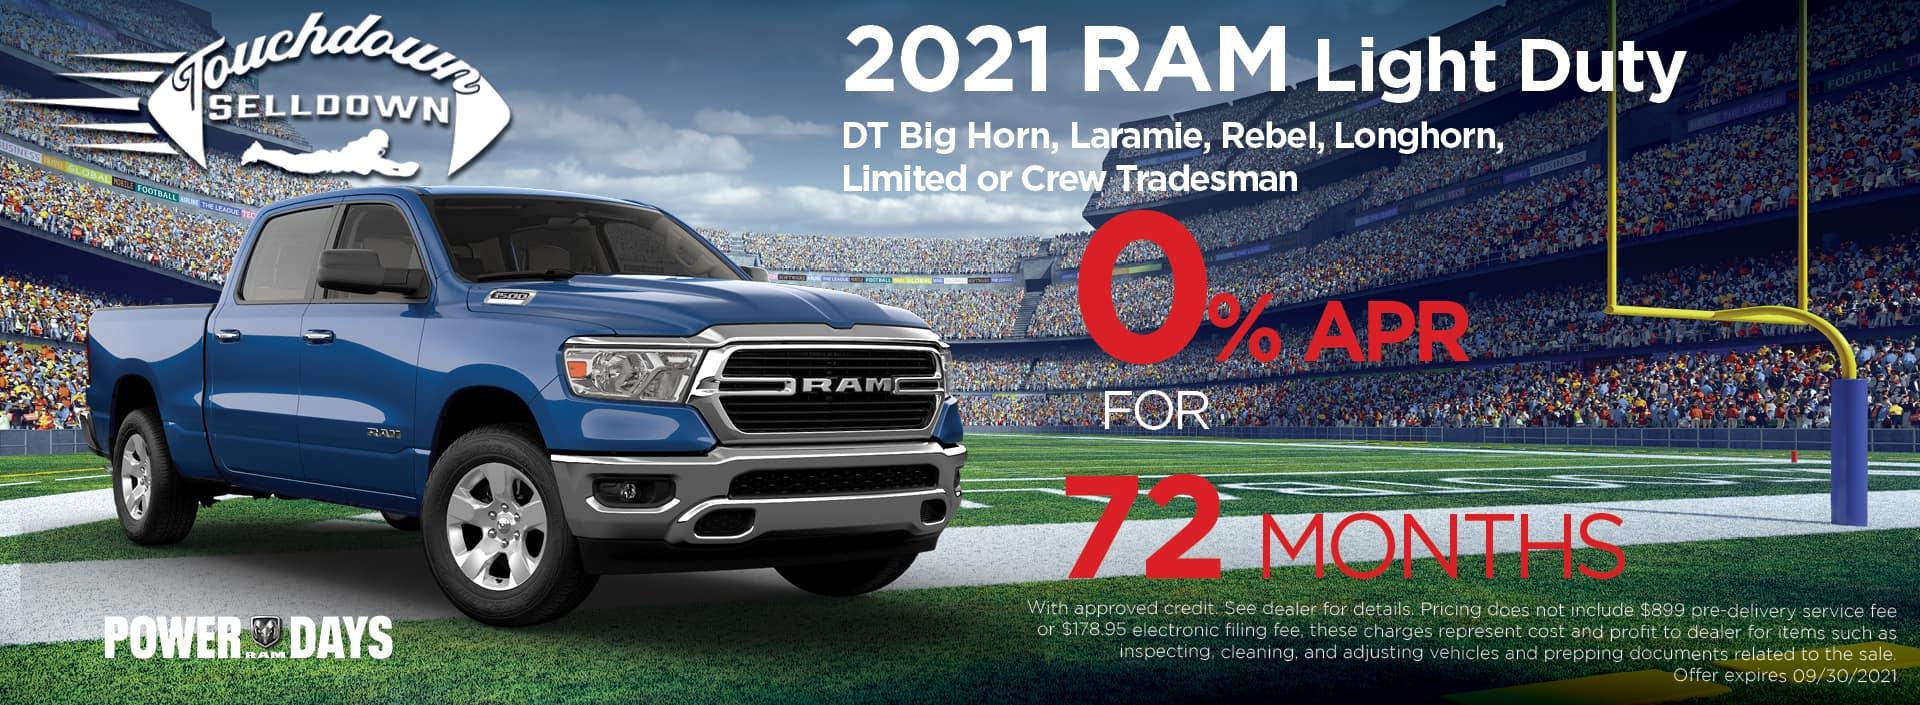 Ram 1500 Zero pct